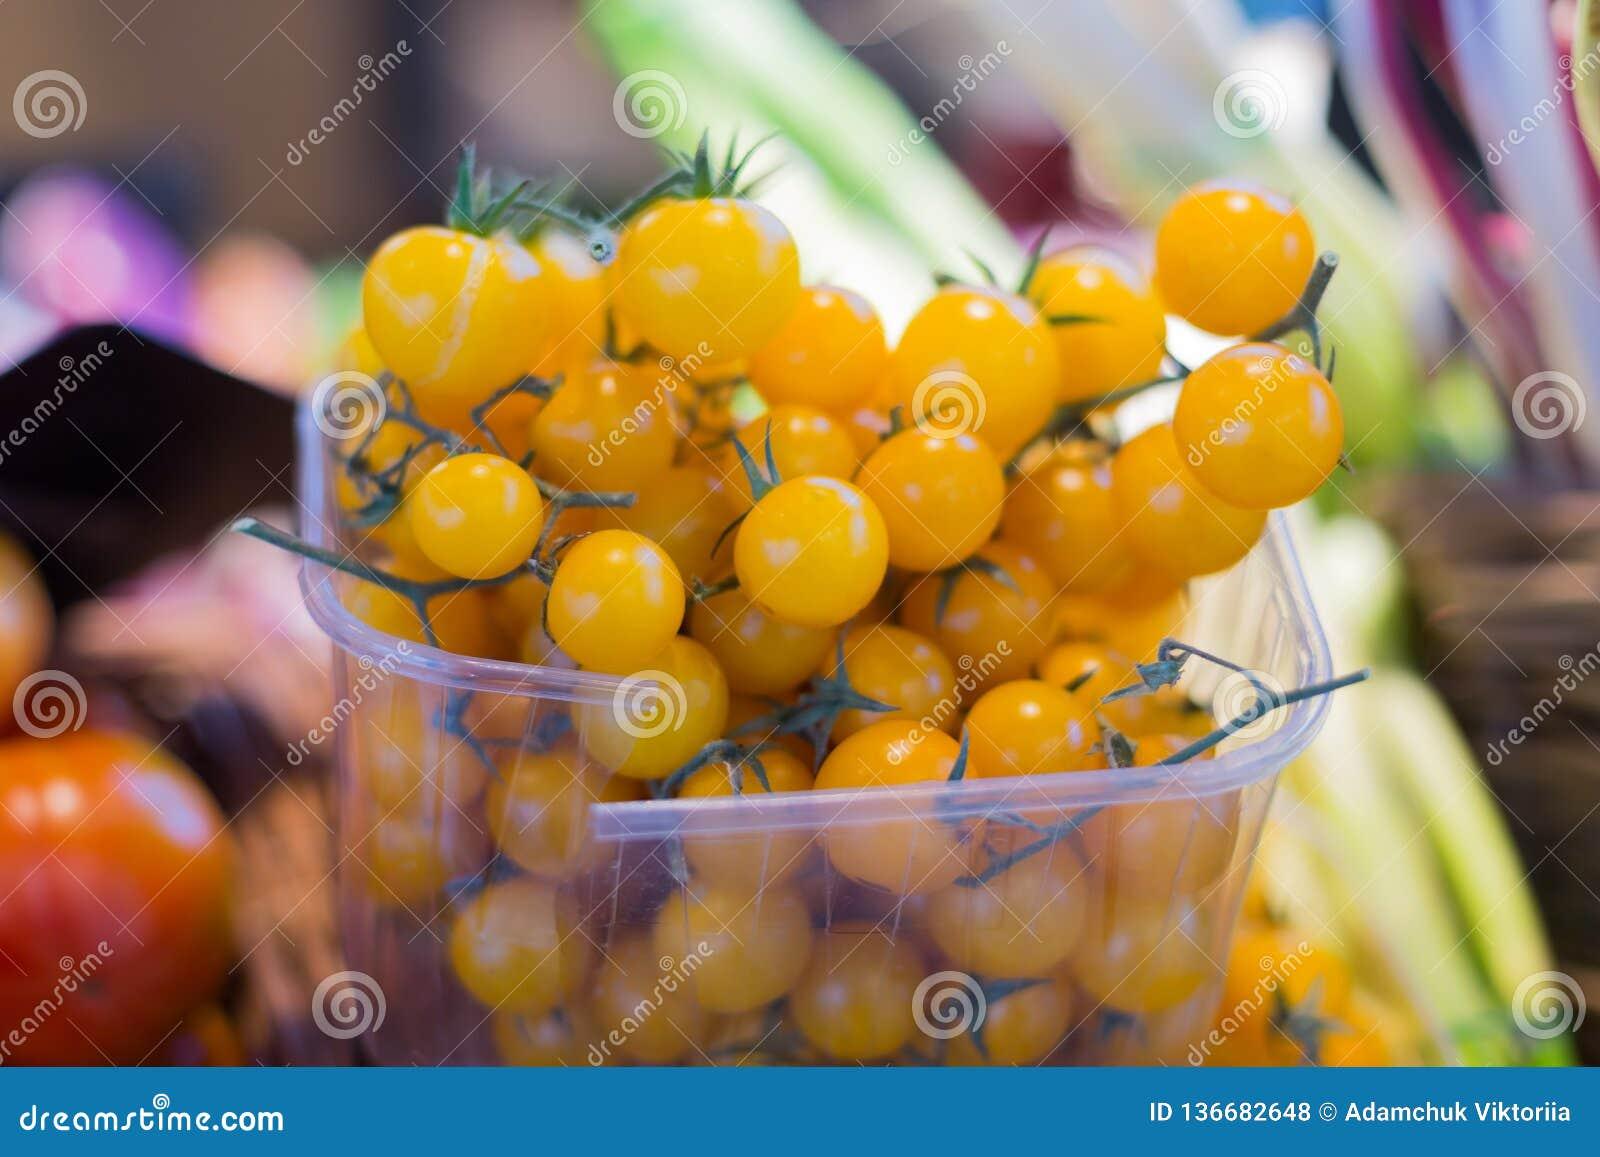 Pomodori ciliegia gialli in recipienti di plastica nel mercato